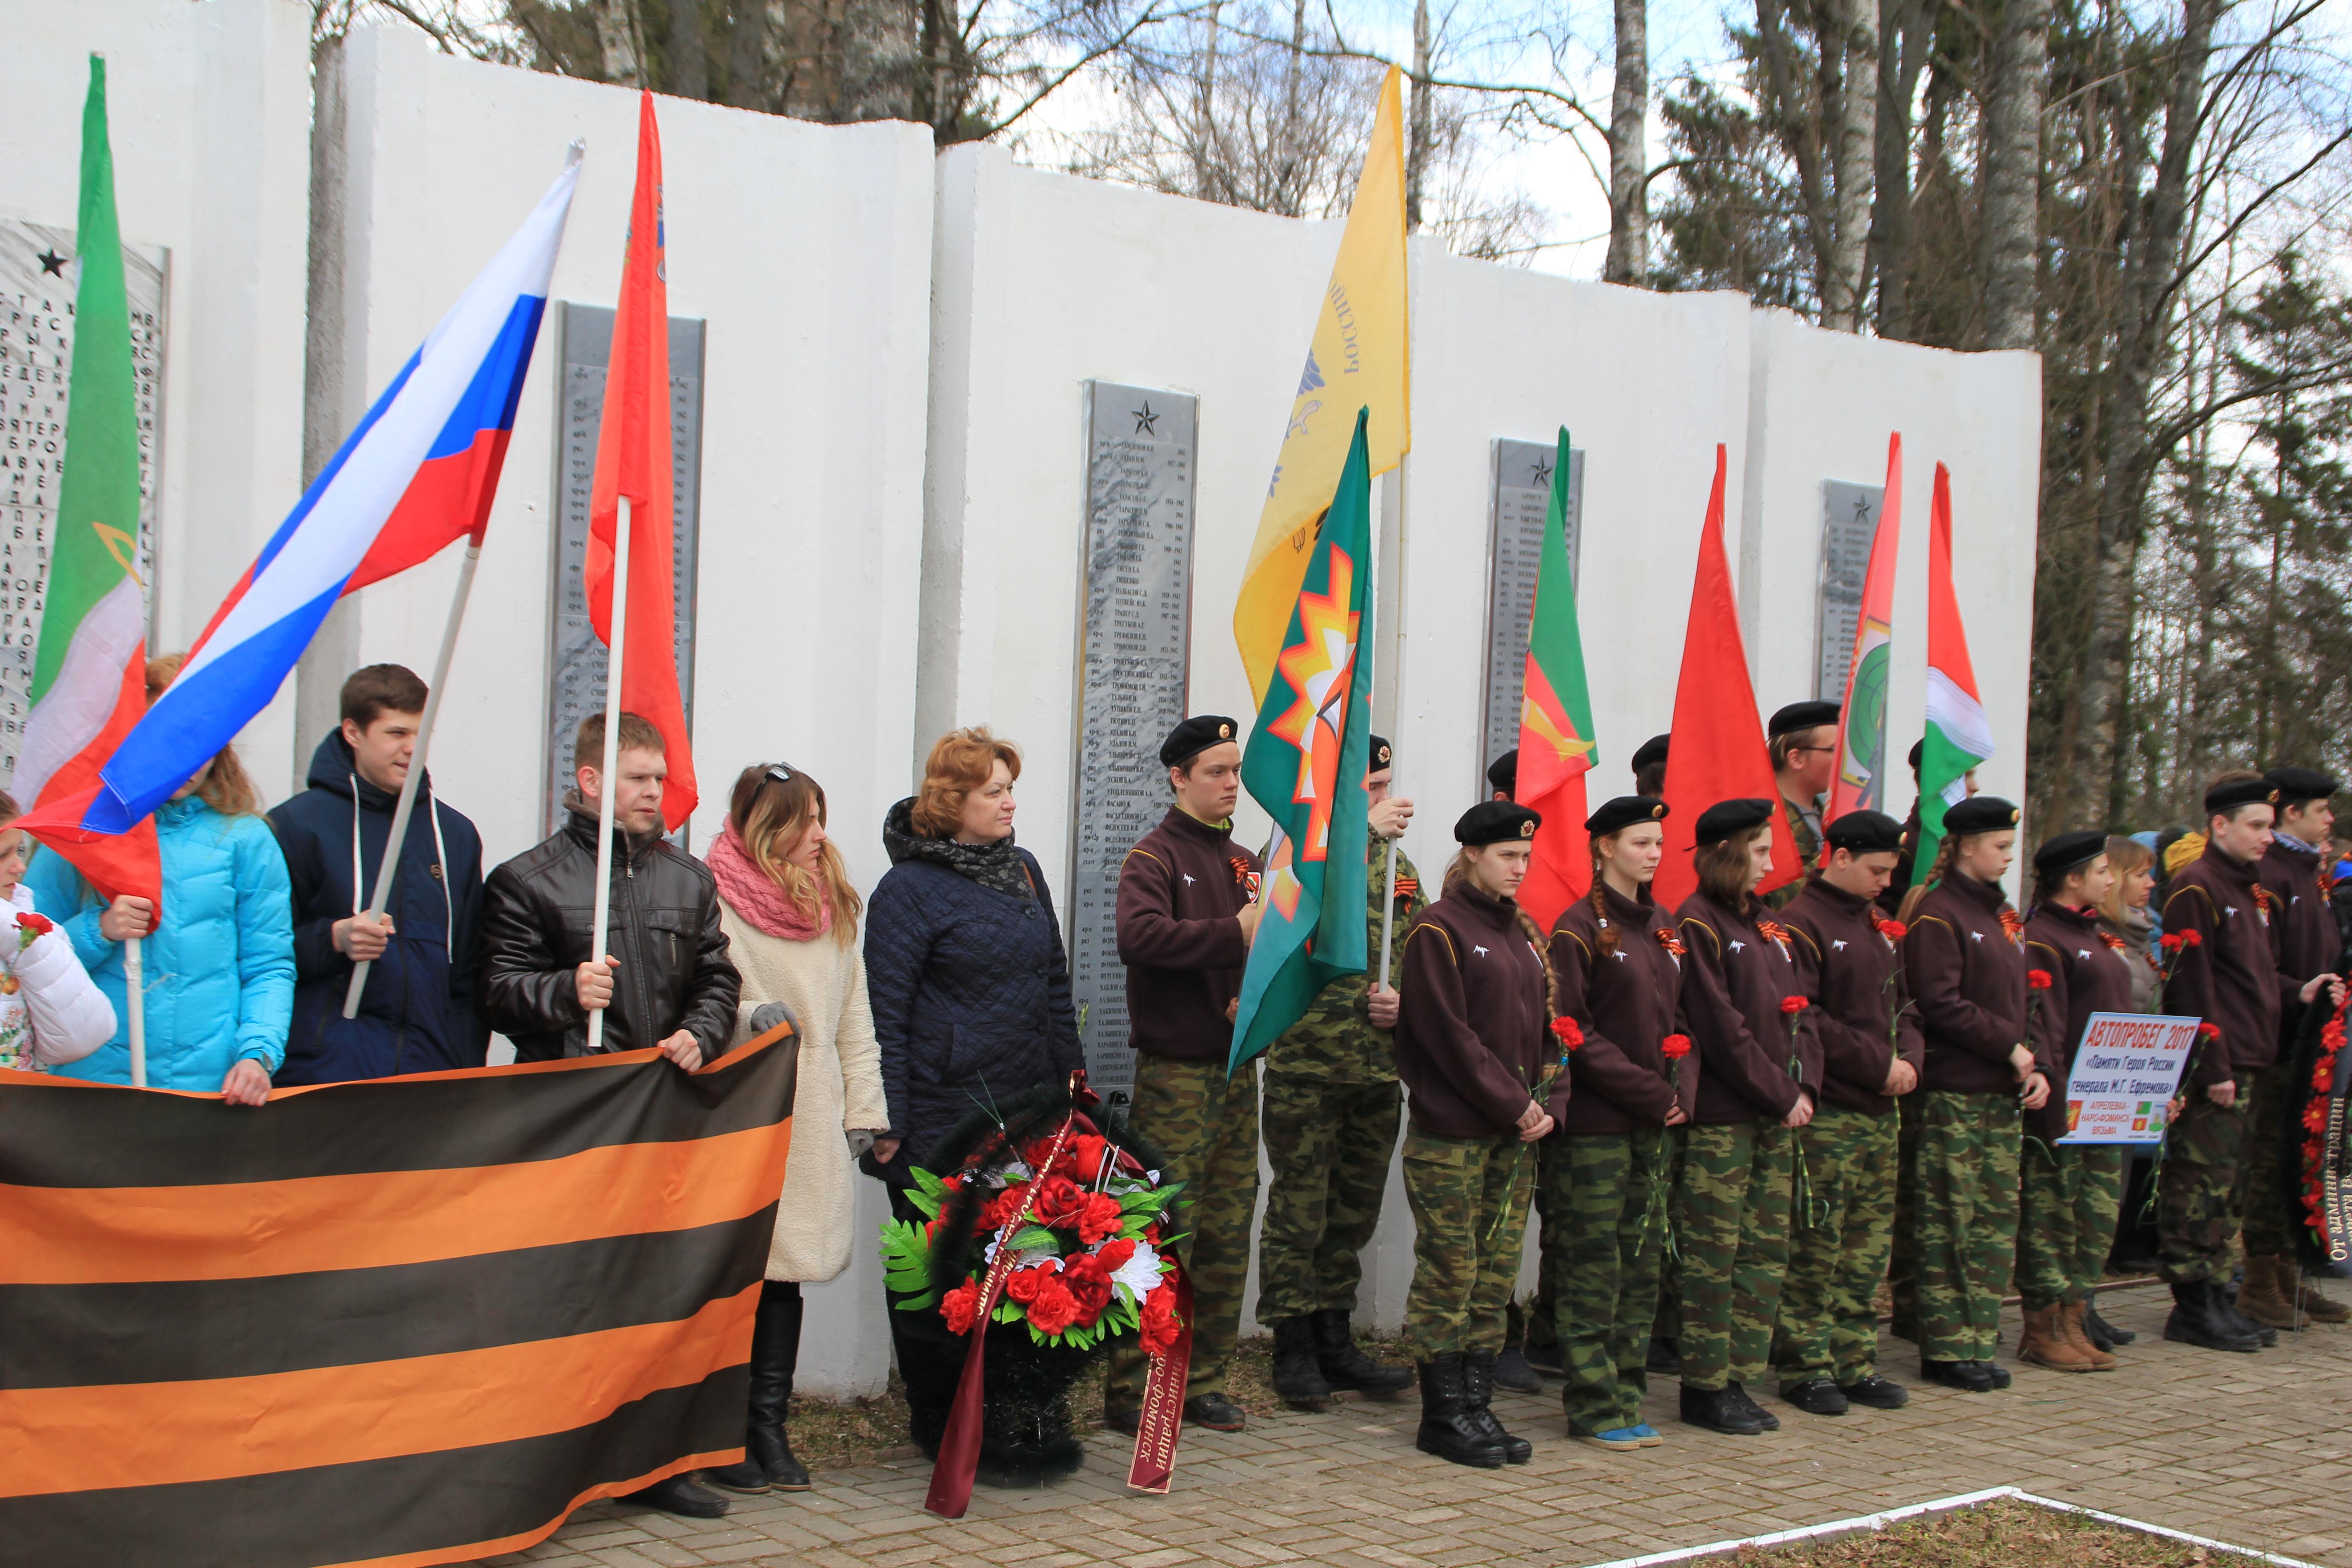 19 апреля на Екатериненском кладбище состоялся митинг, посвященный 75-летию со дня гибели генерал-лейтенанта Михаила Григорьевича Ефремова.